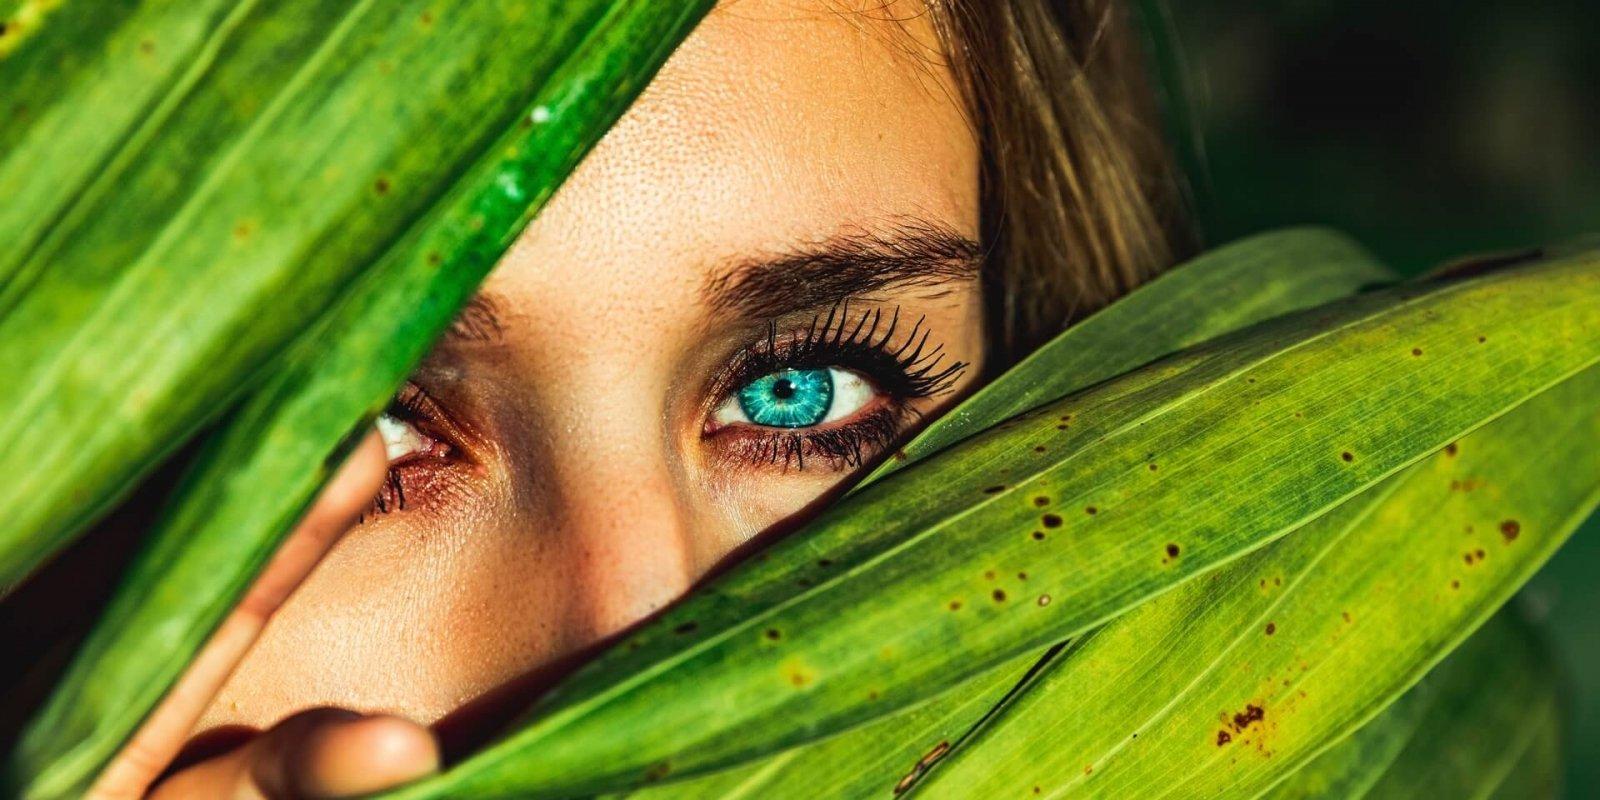 Kommunikation lernen und mit neuen Augen sehen